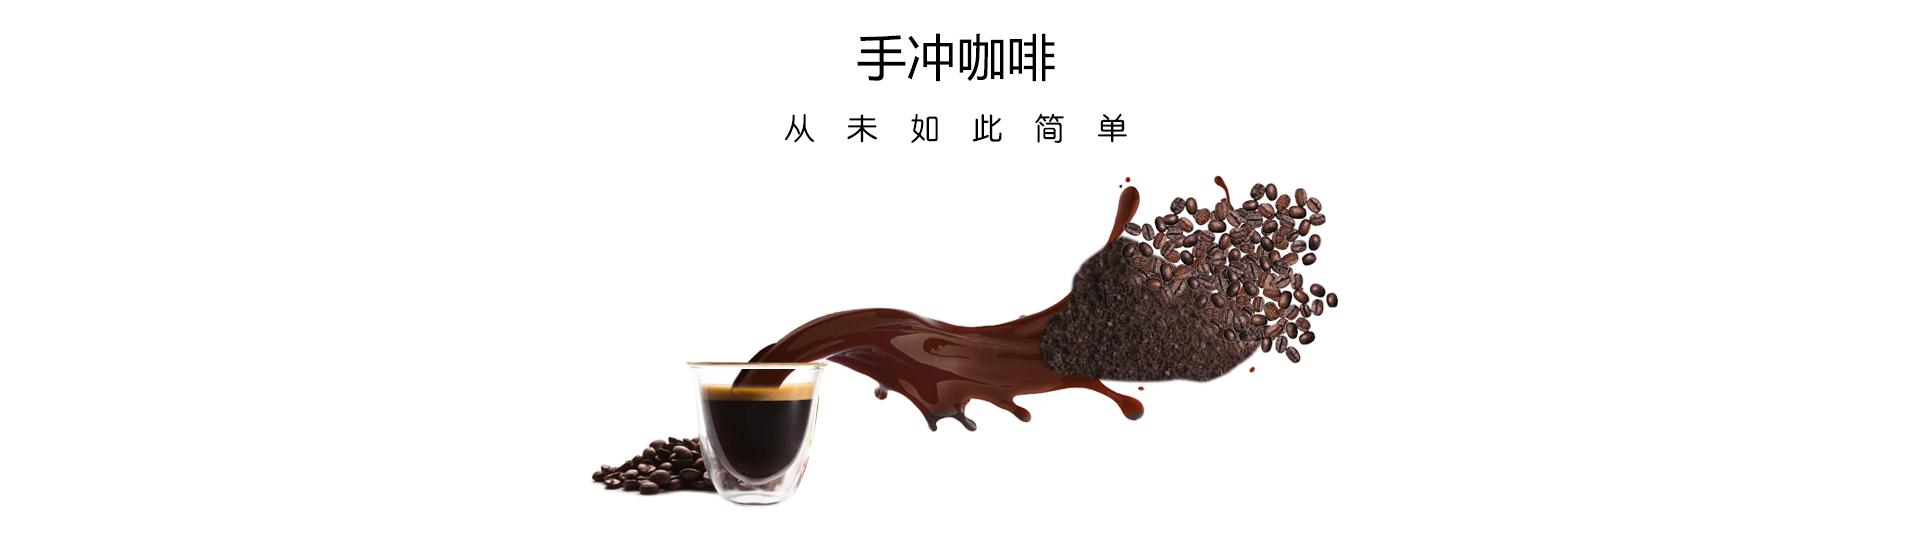 精品咖啡从未如此简单